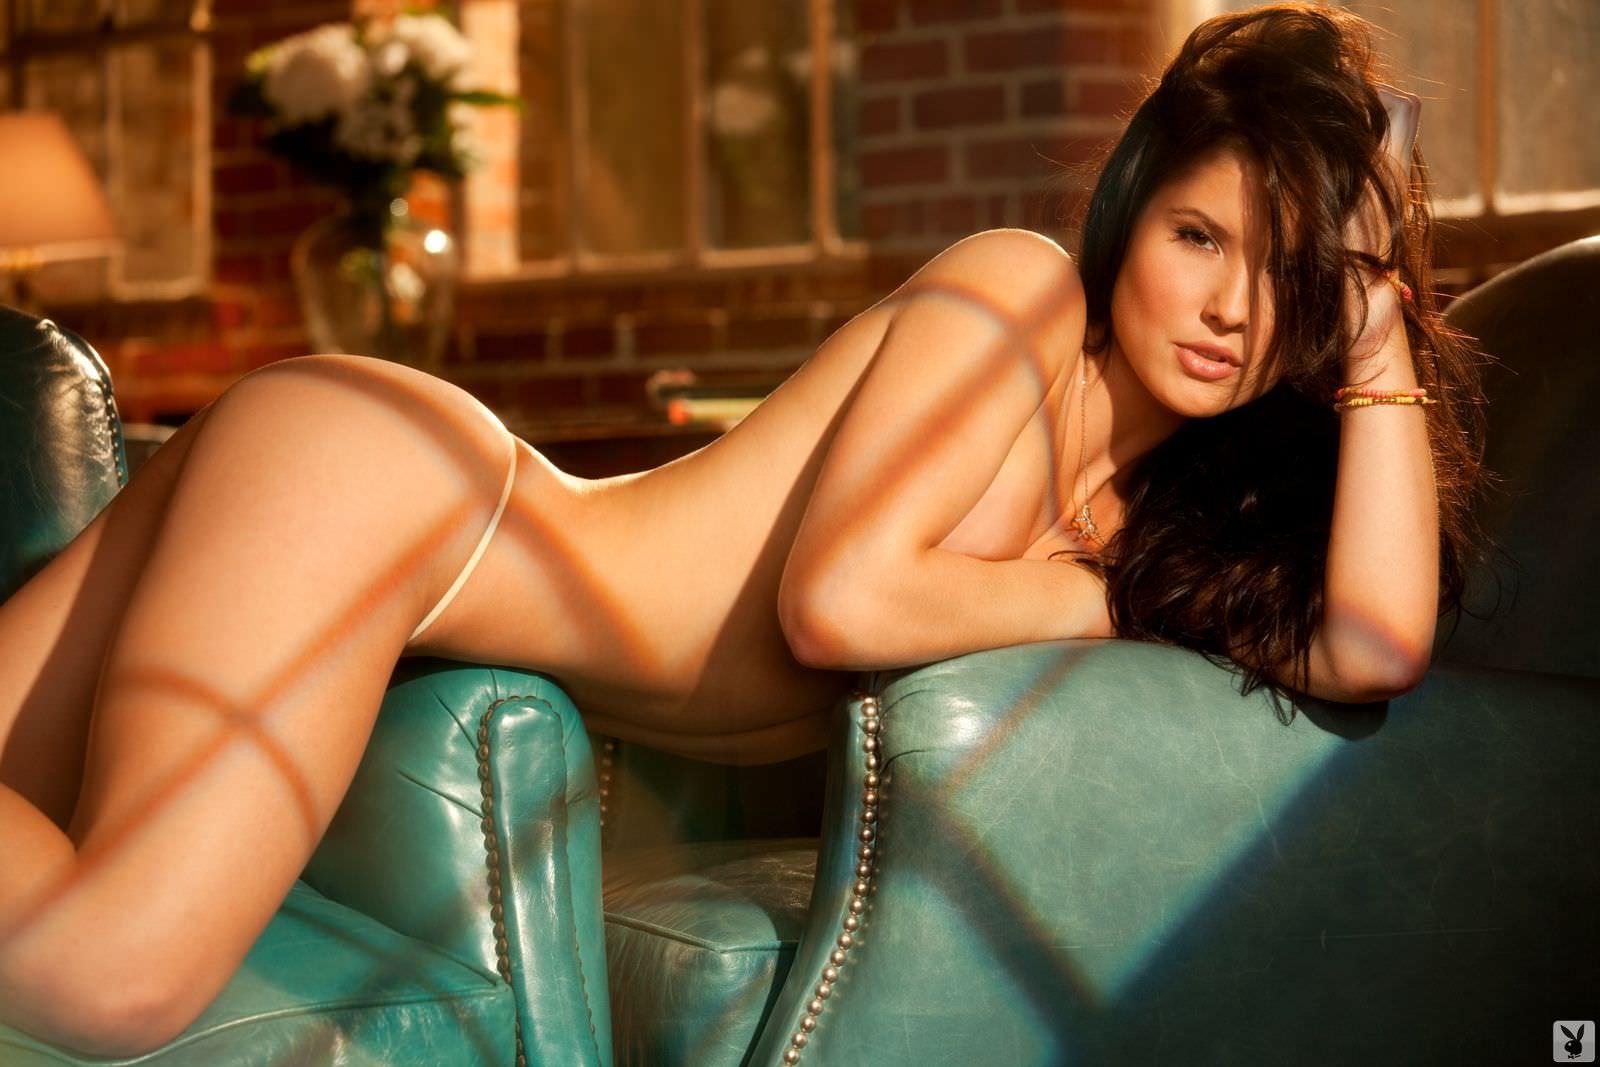 Amanda Cerny Video Porn amanda-cerny-nude-21 - dirtyship